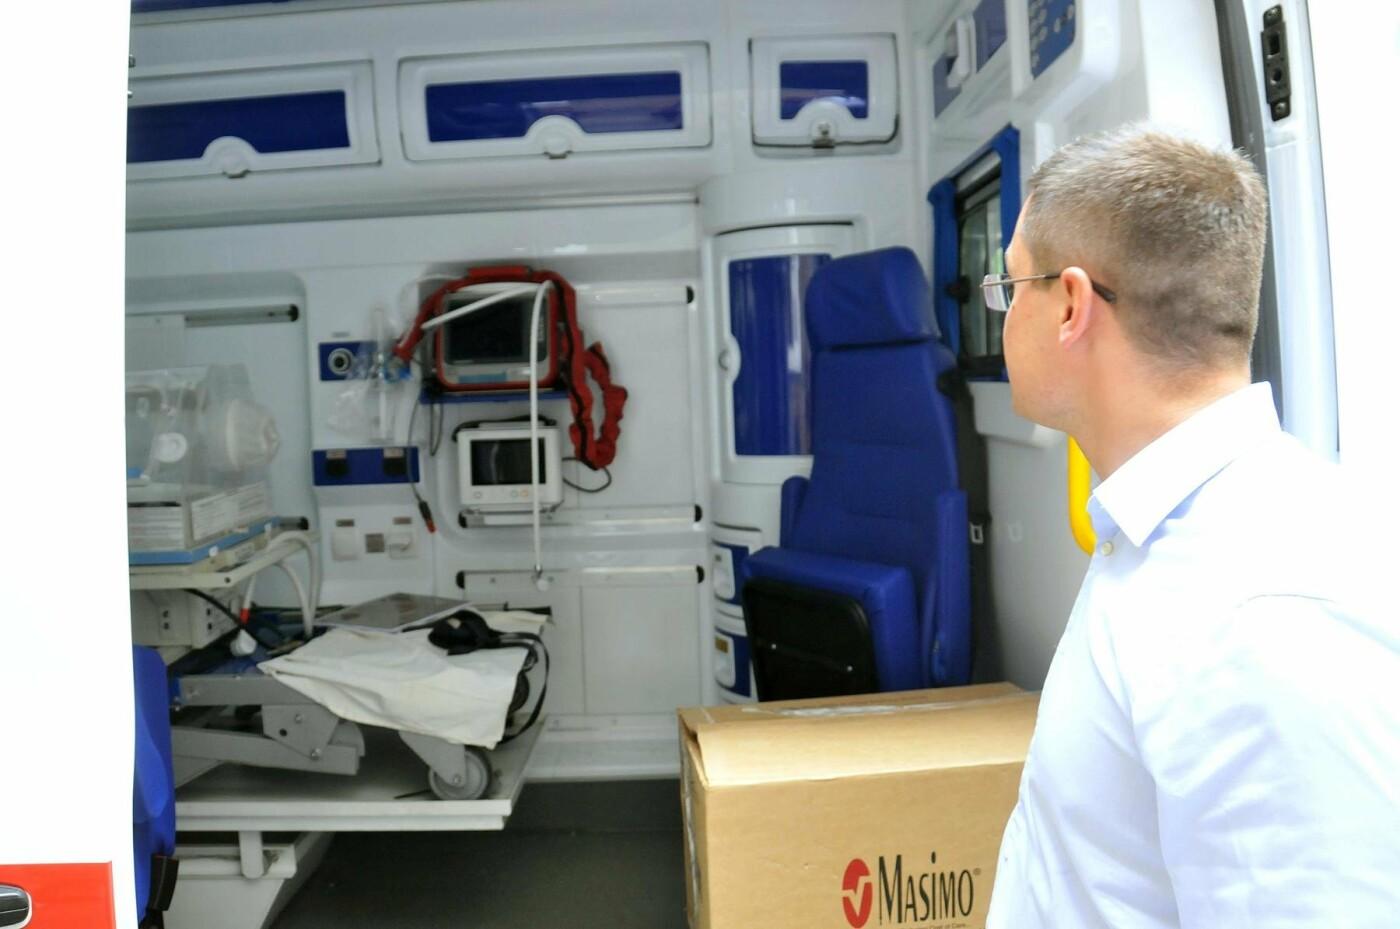 Владислав Марченко: Через месяц в областной детской больнице начнется демонтаж и строительство нового хирургического блока, фото-3